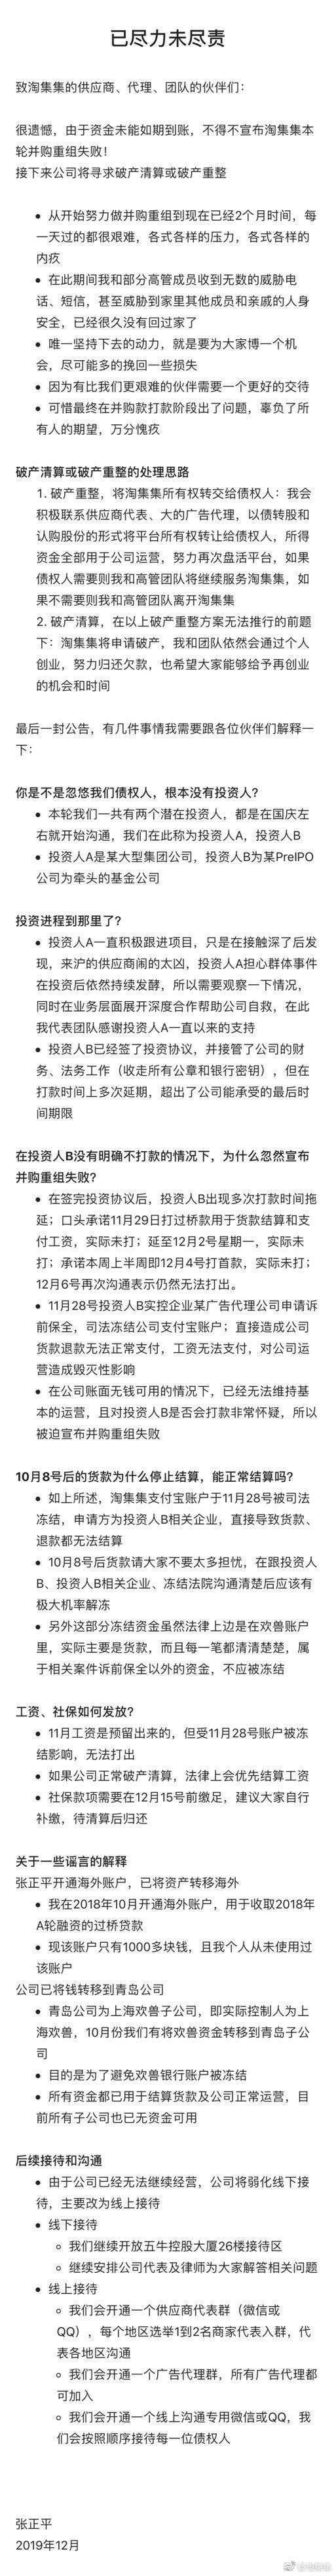 淘集集宣布并购重组失败:寻求破产清算重整 管理层曾受威胁